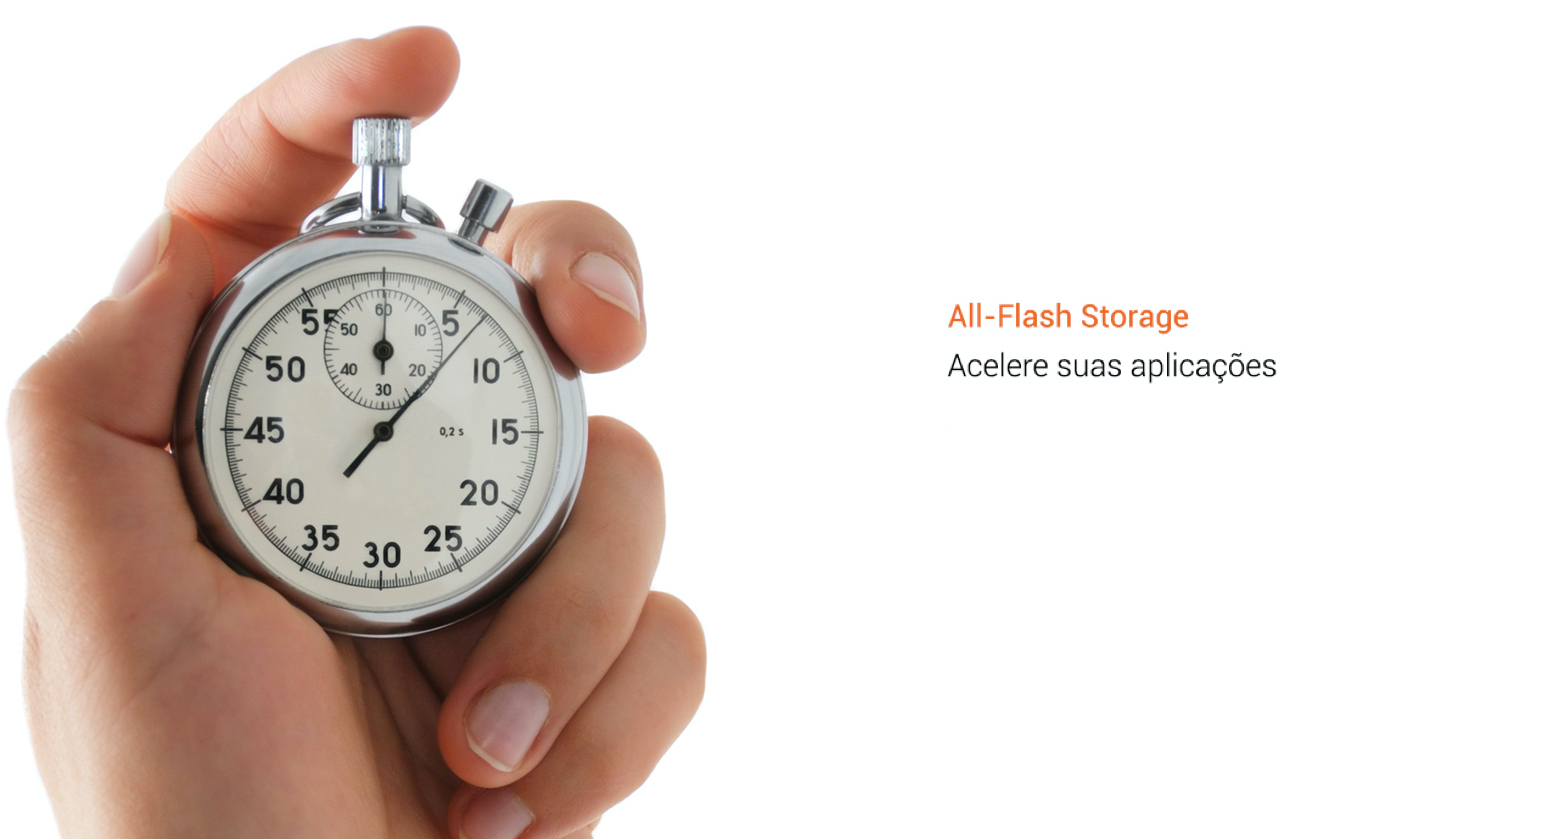 Acelere suas aplicações com armazenamento All-Flash